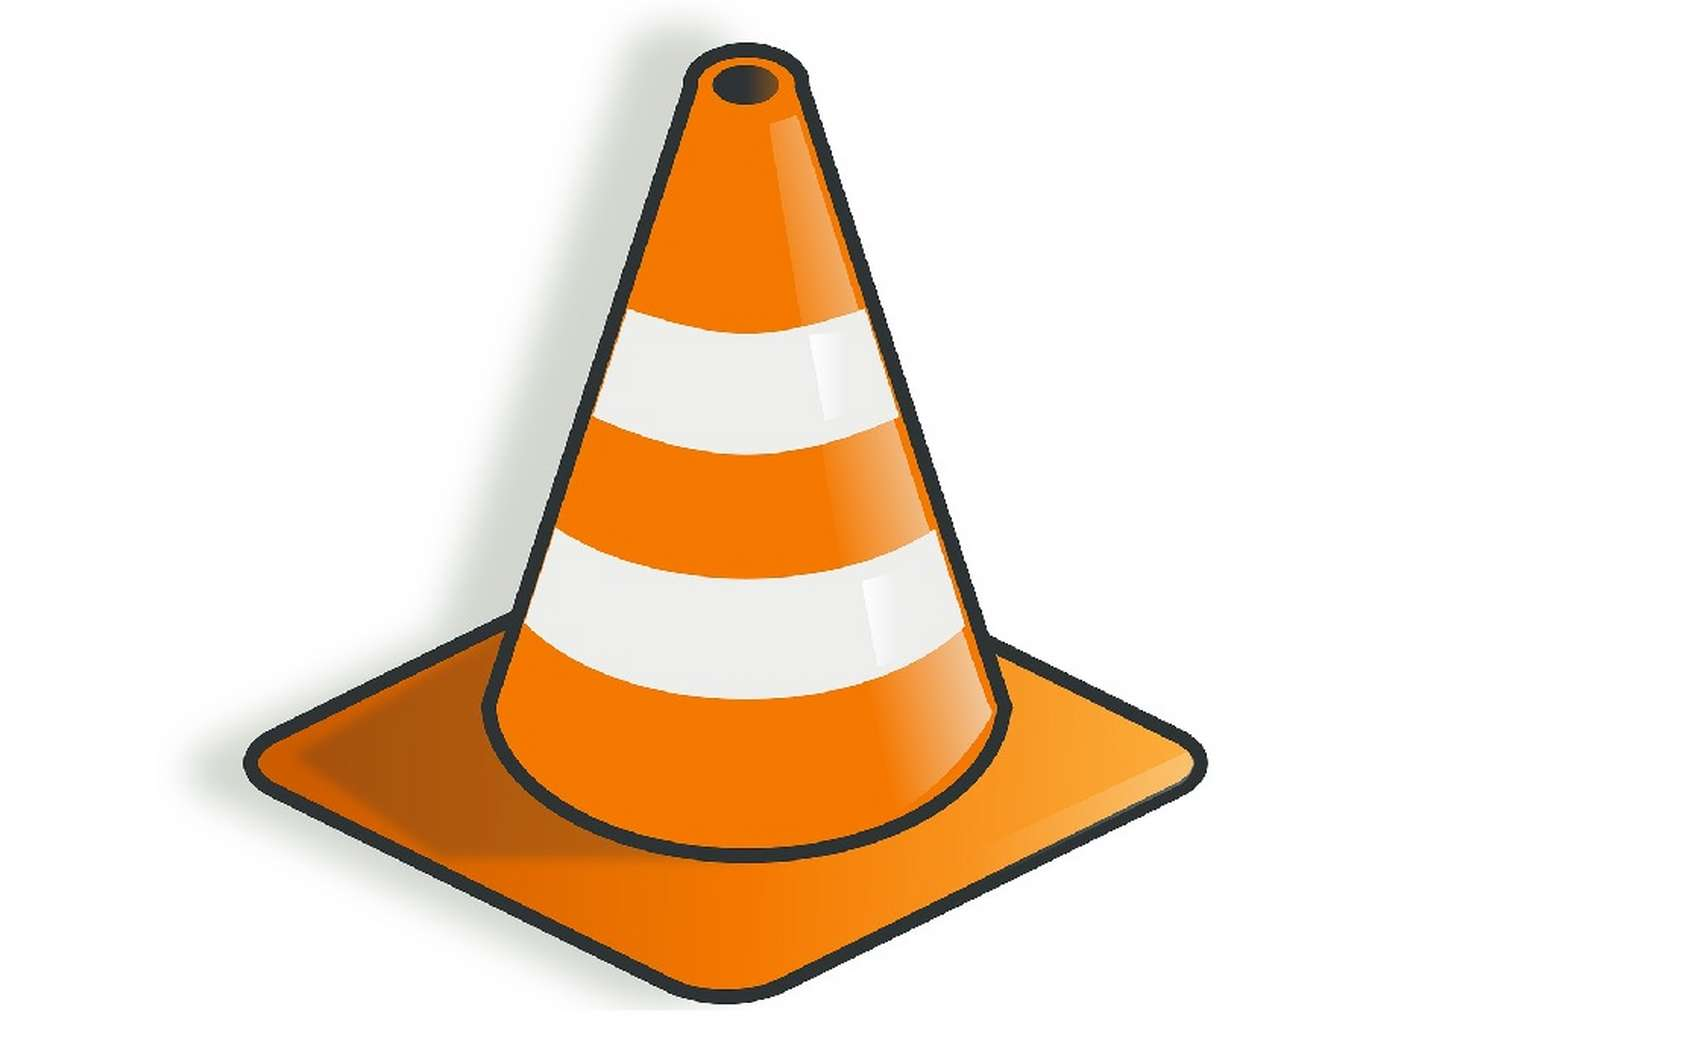 Le cône de chantier, logo emblématique de VLC Media Player. © Pixabay.com